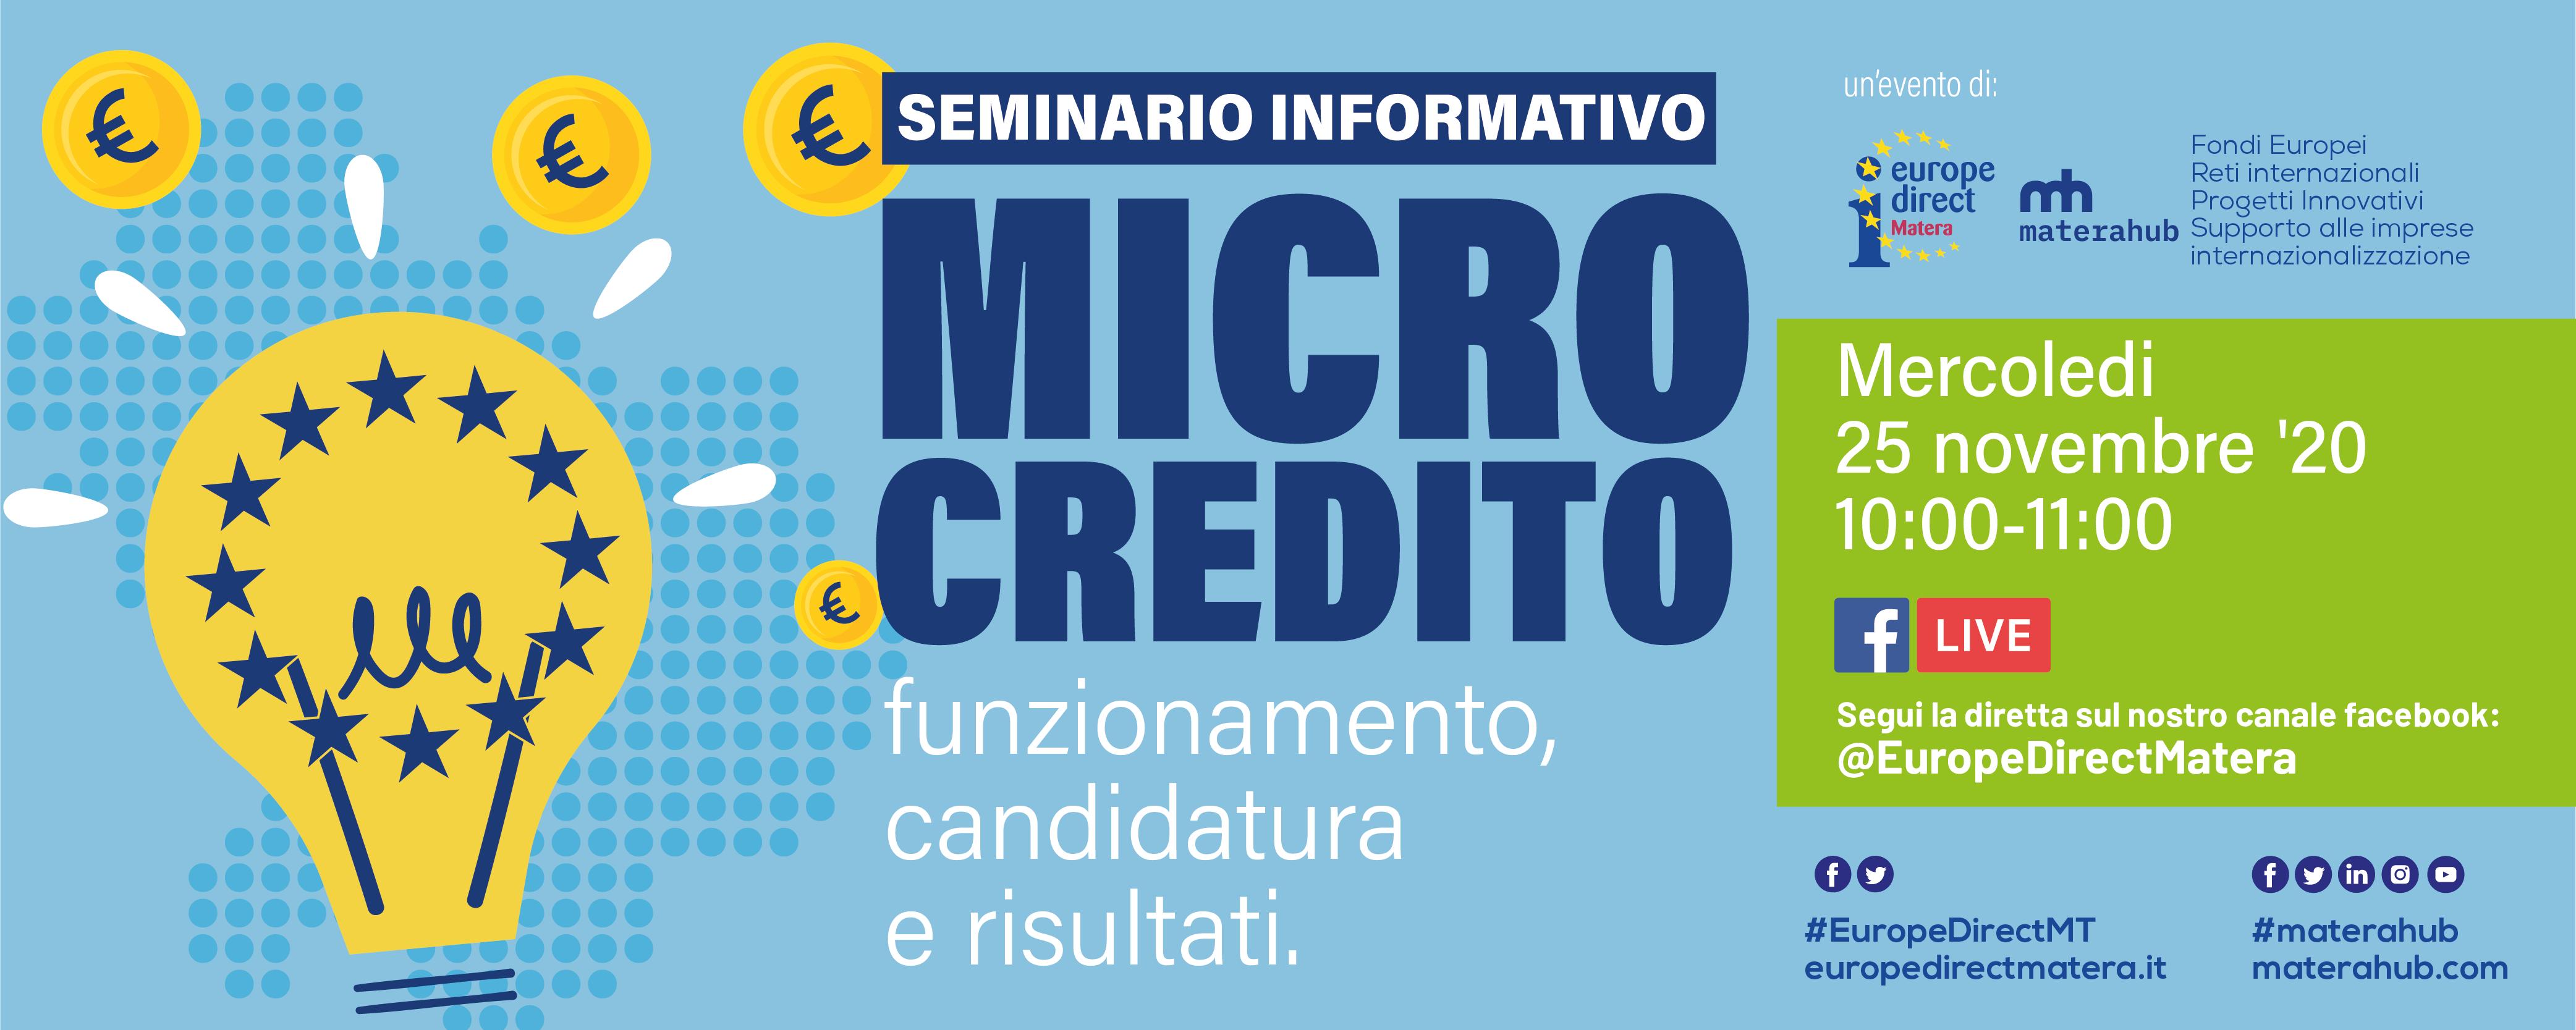 Fondo Microcredito: funzionamento, candidatura e risultati.